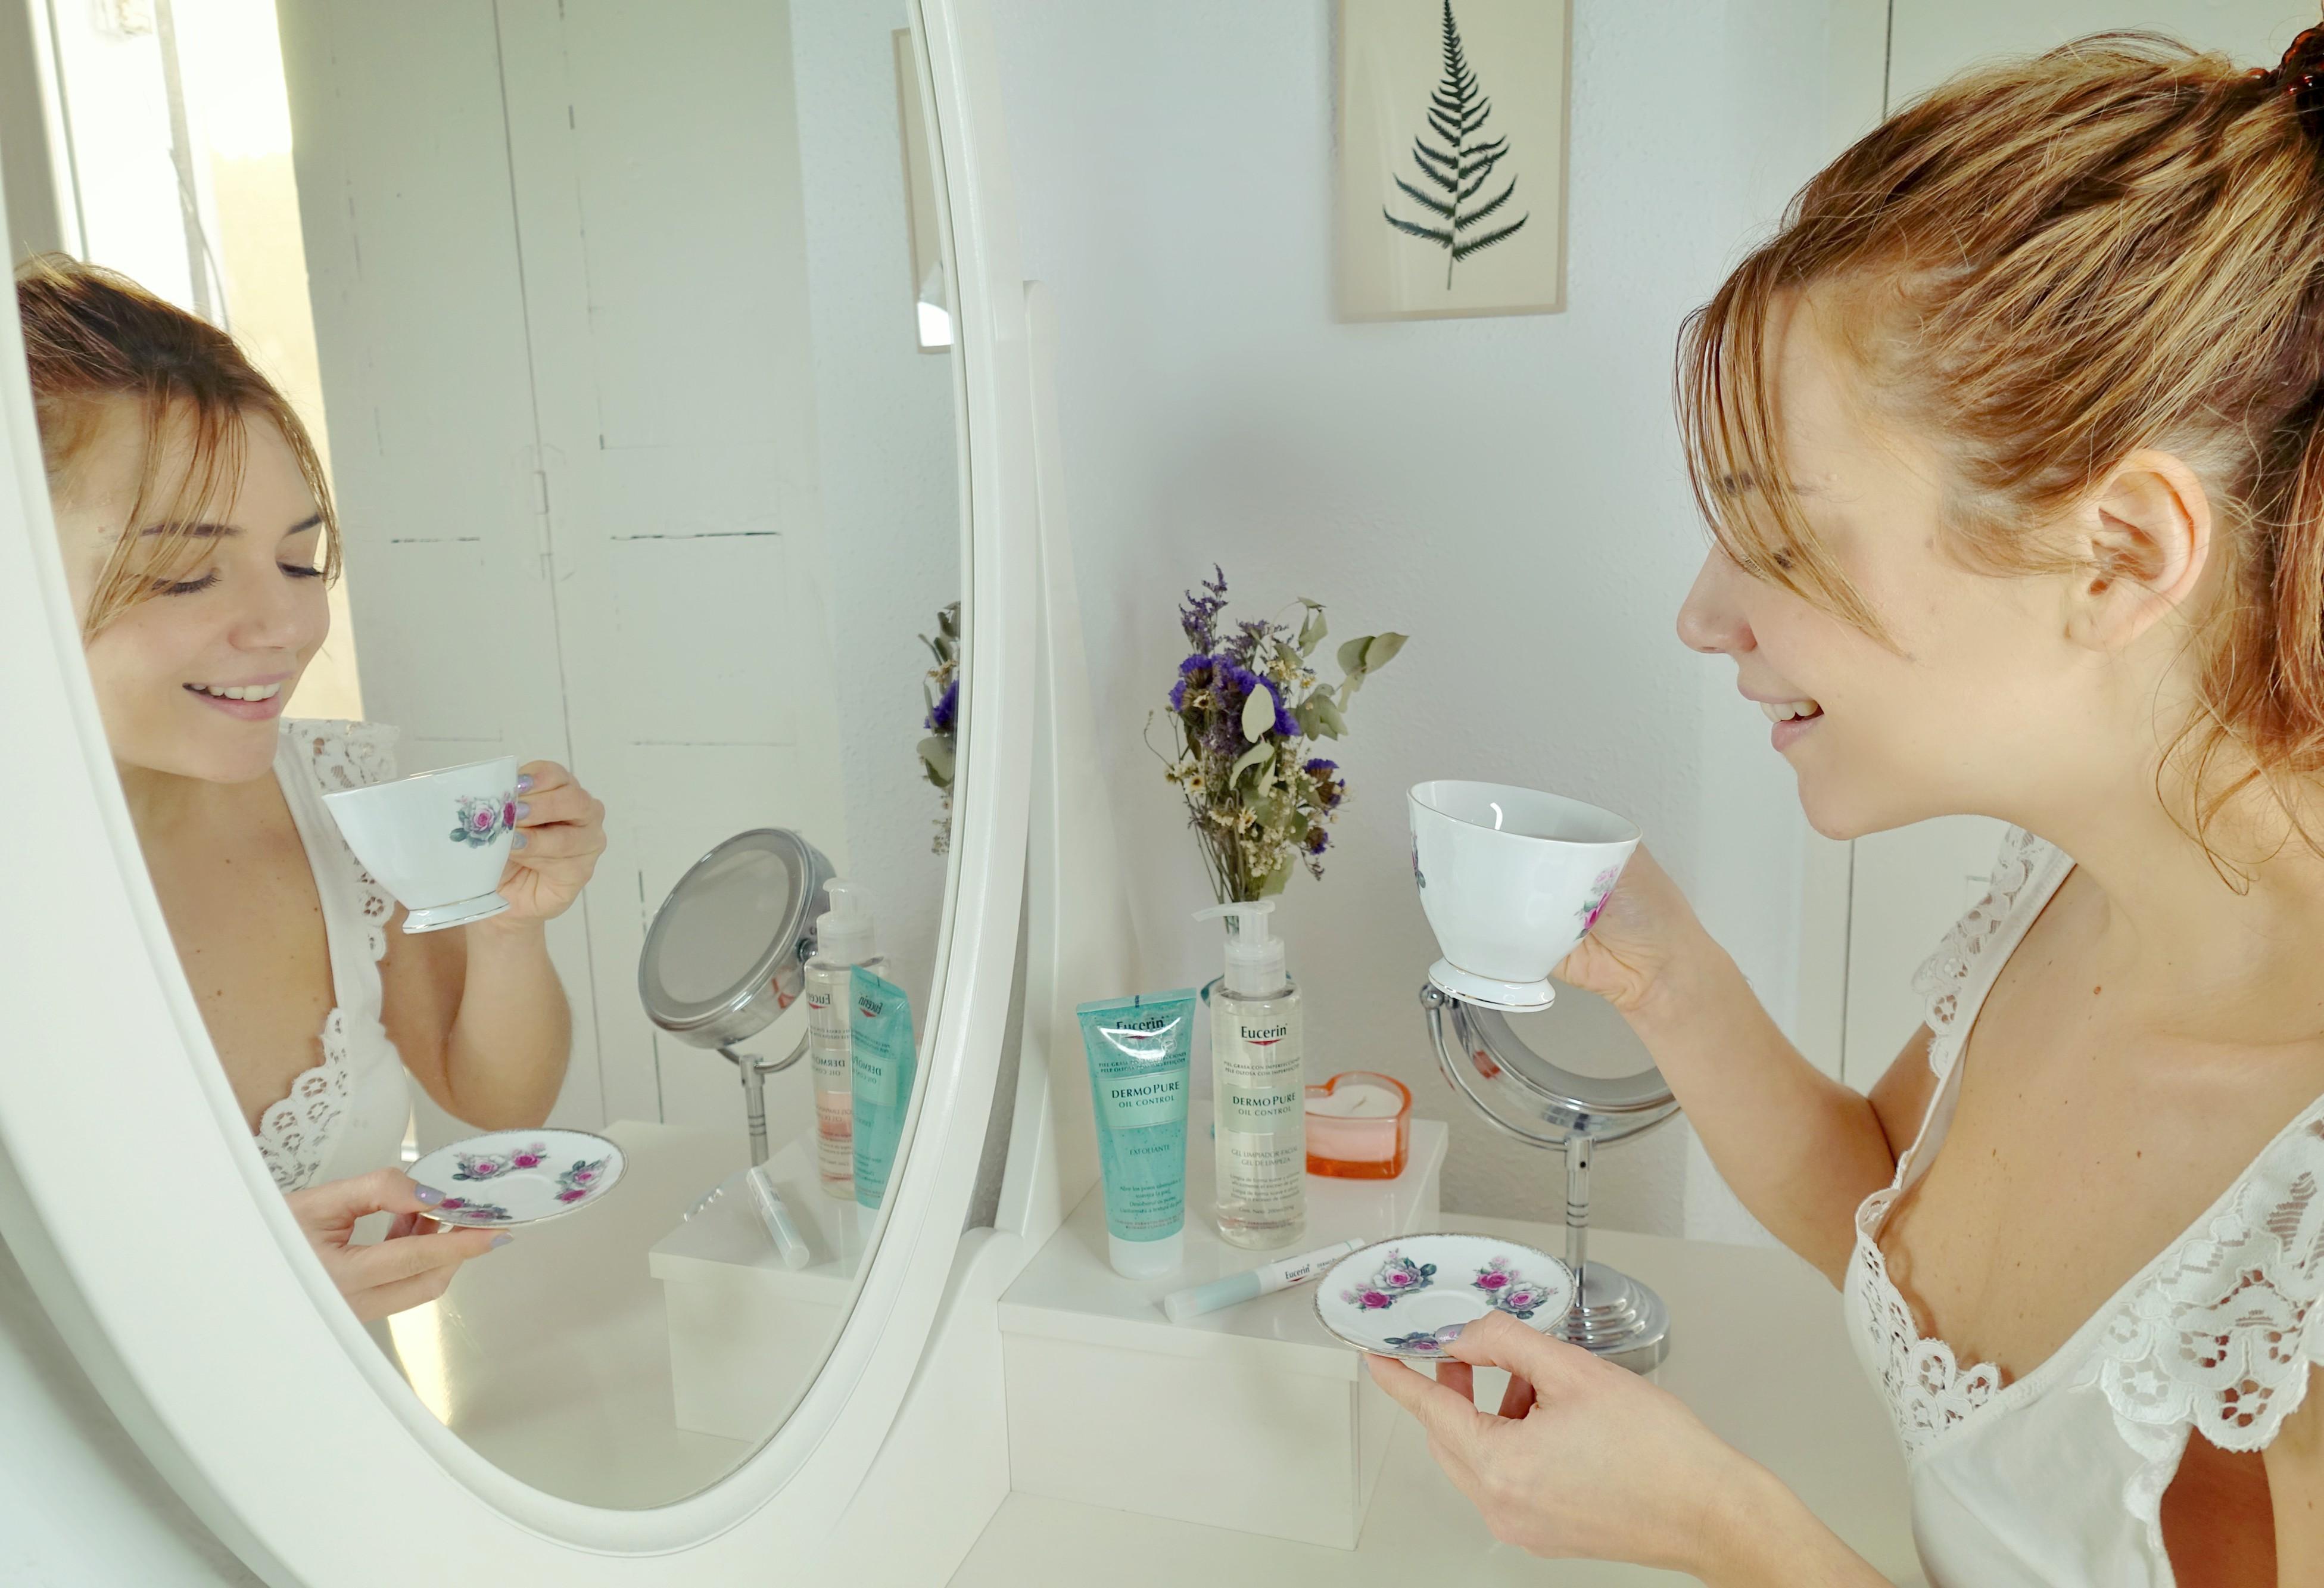 ChicAdicta-blog-de-belleza-influencer-Madrid-Chic-adicta-dermopure-eucerin-tratamiento-para-acne-adultos-PiensaenChic-Piensa-en-Chic